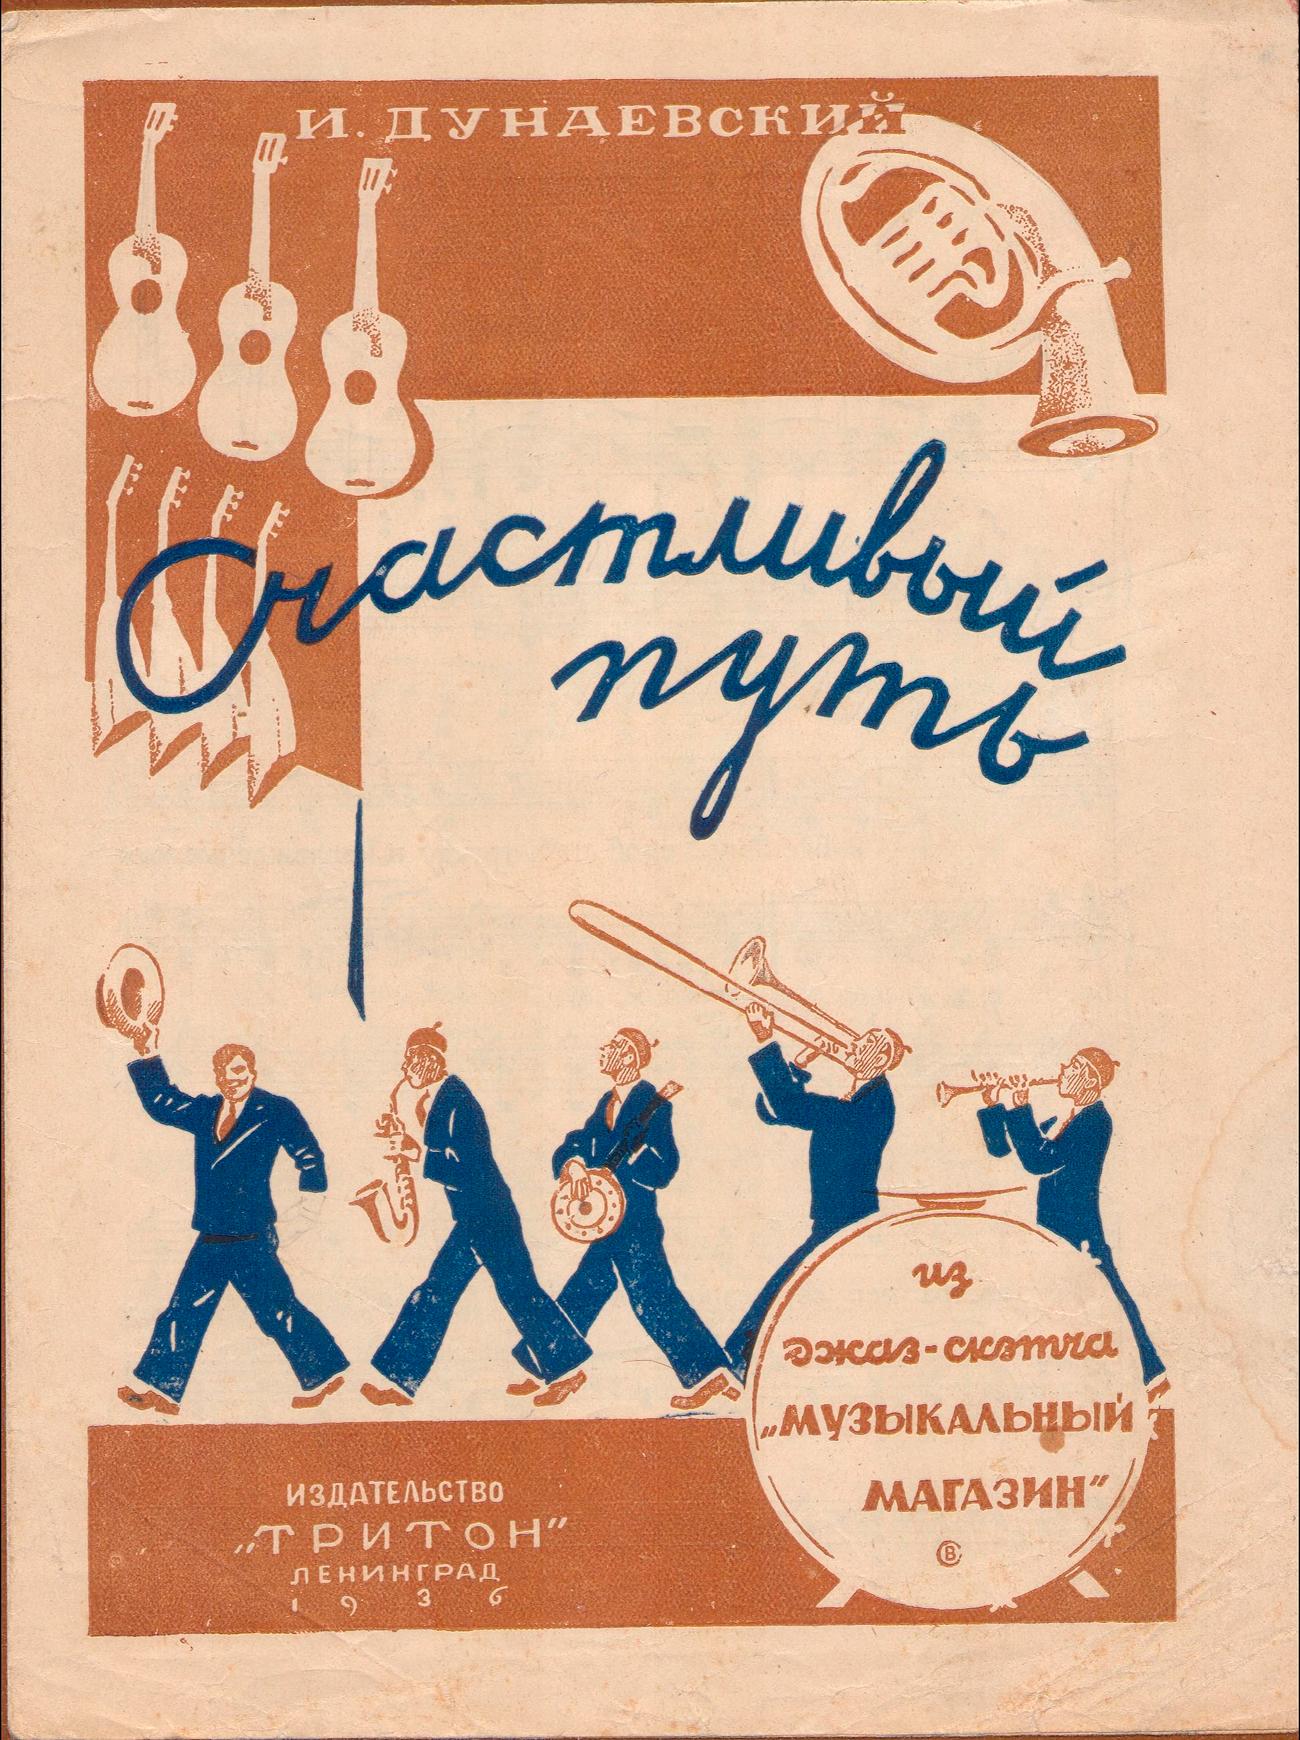 «Счастливый путь», нотная обложка, 1936 г.